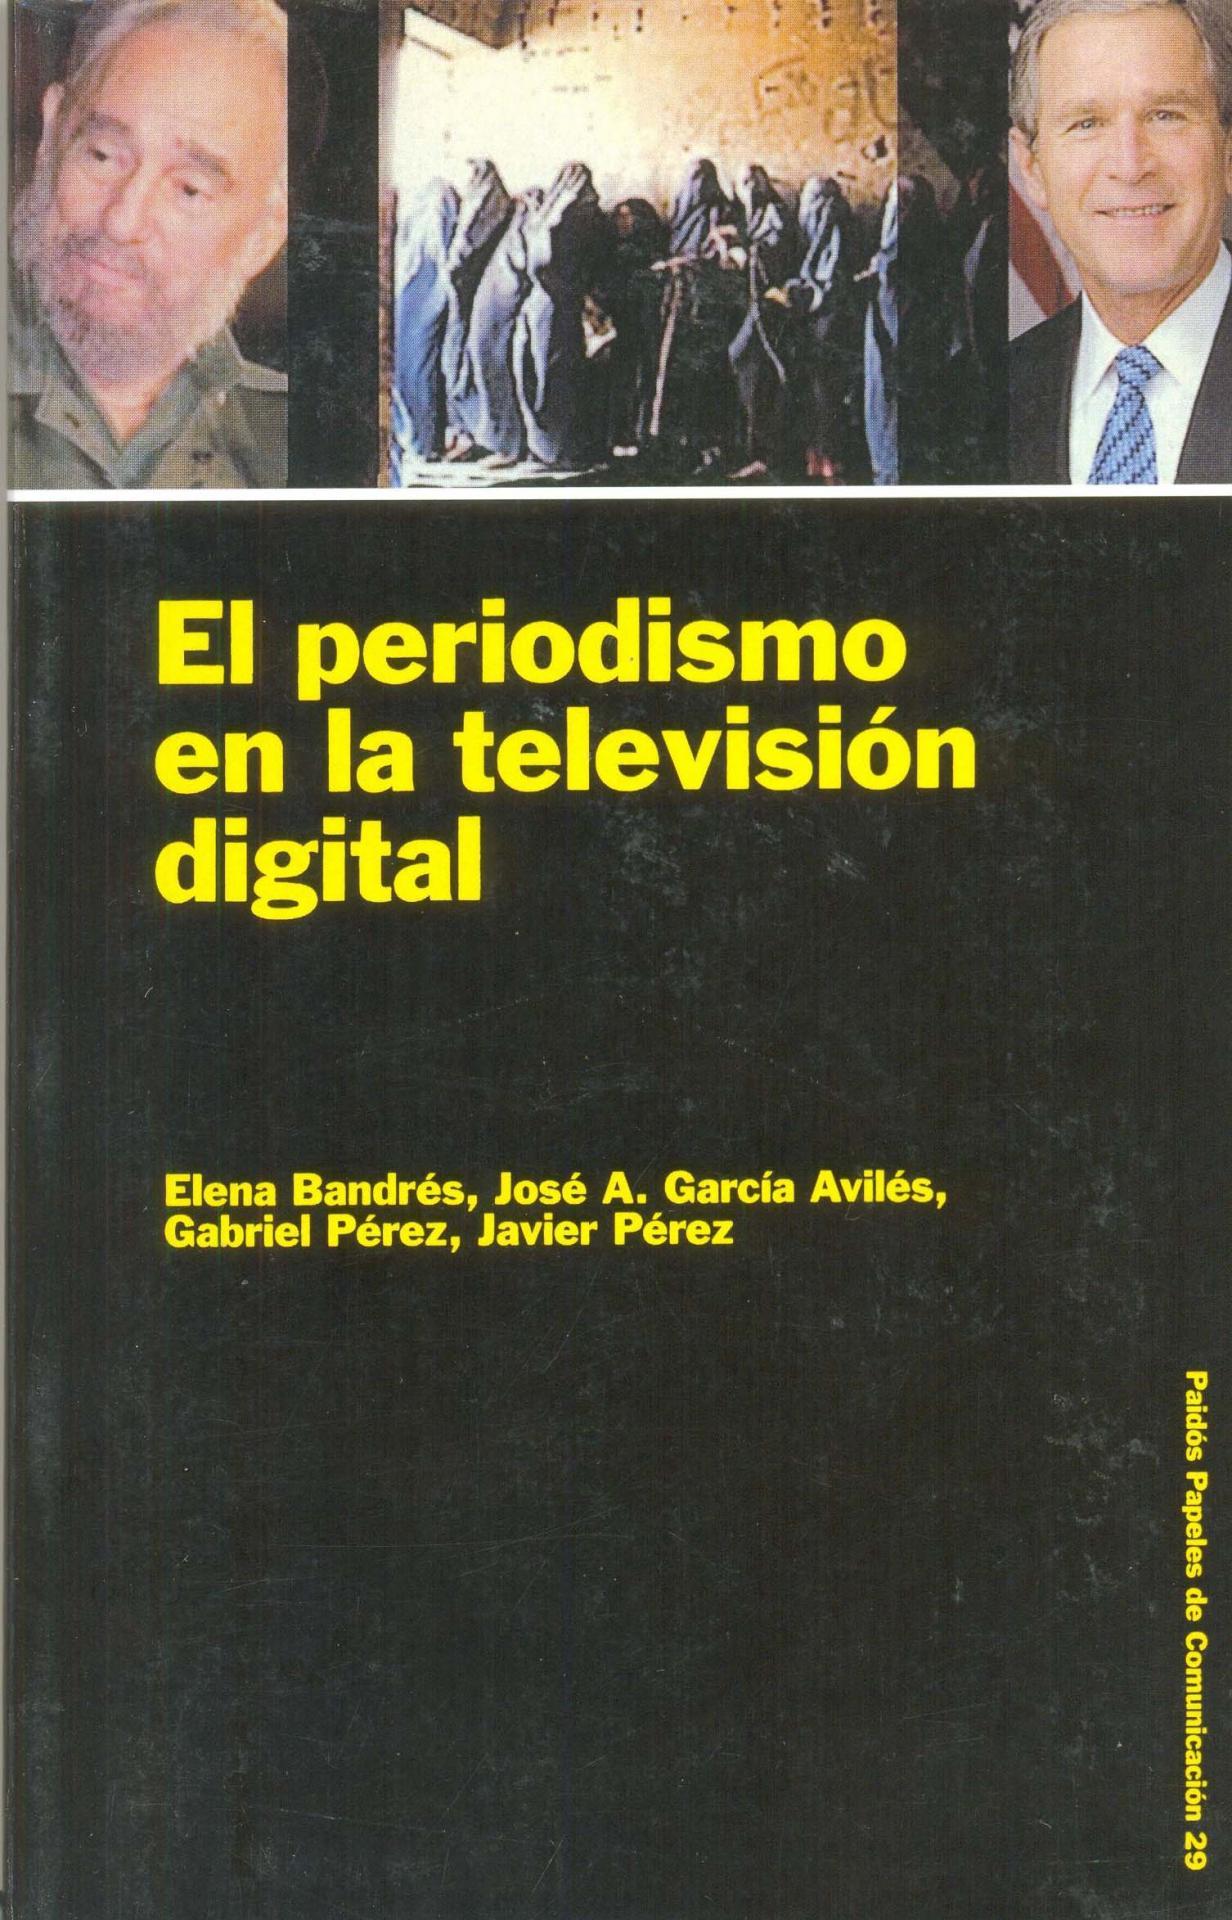 EL PERIODISMO EN LA TELEVISIÓN DIGITAL. Bandrés, E.